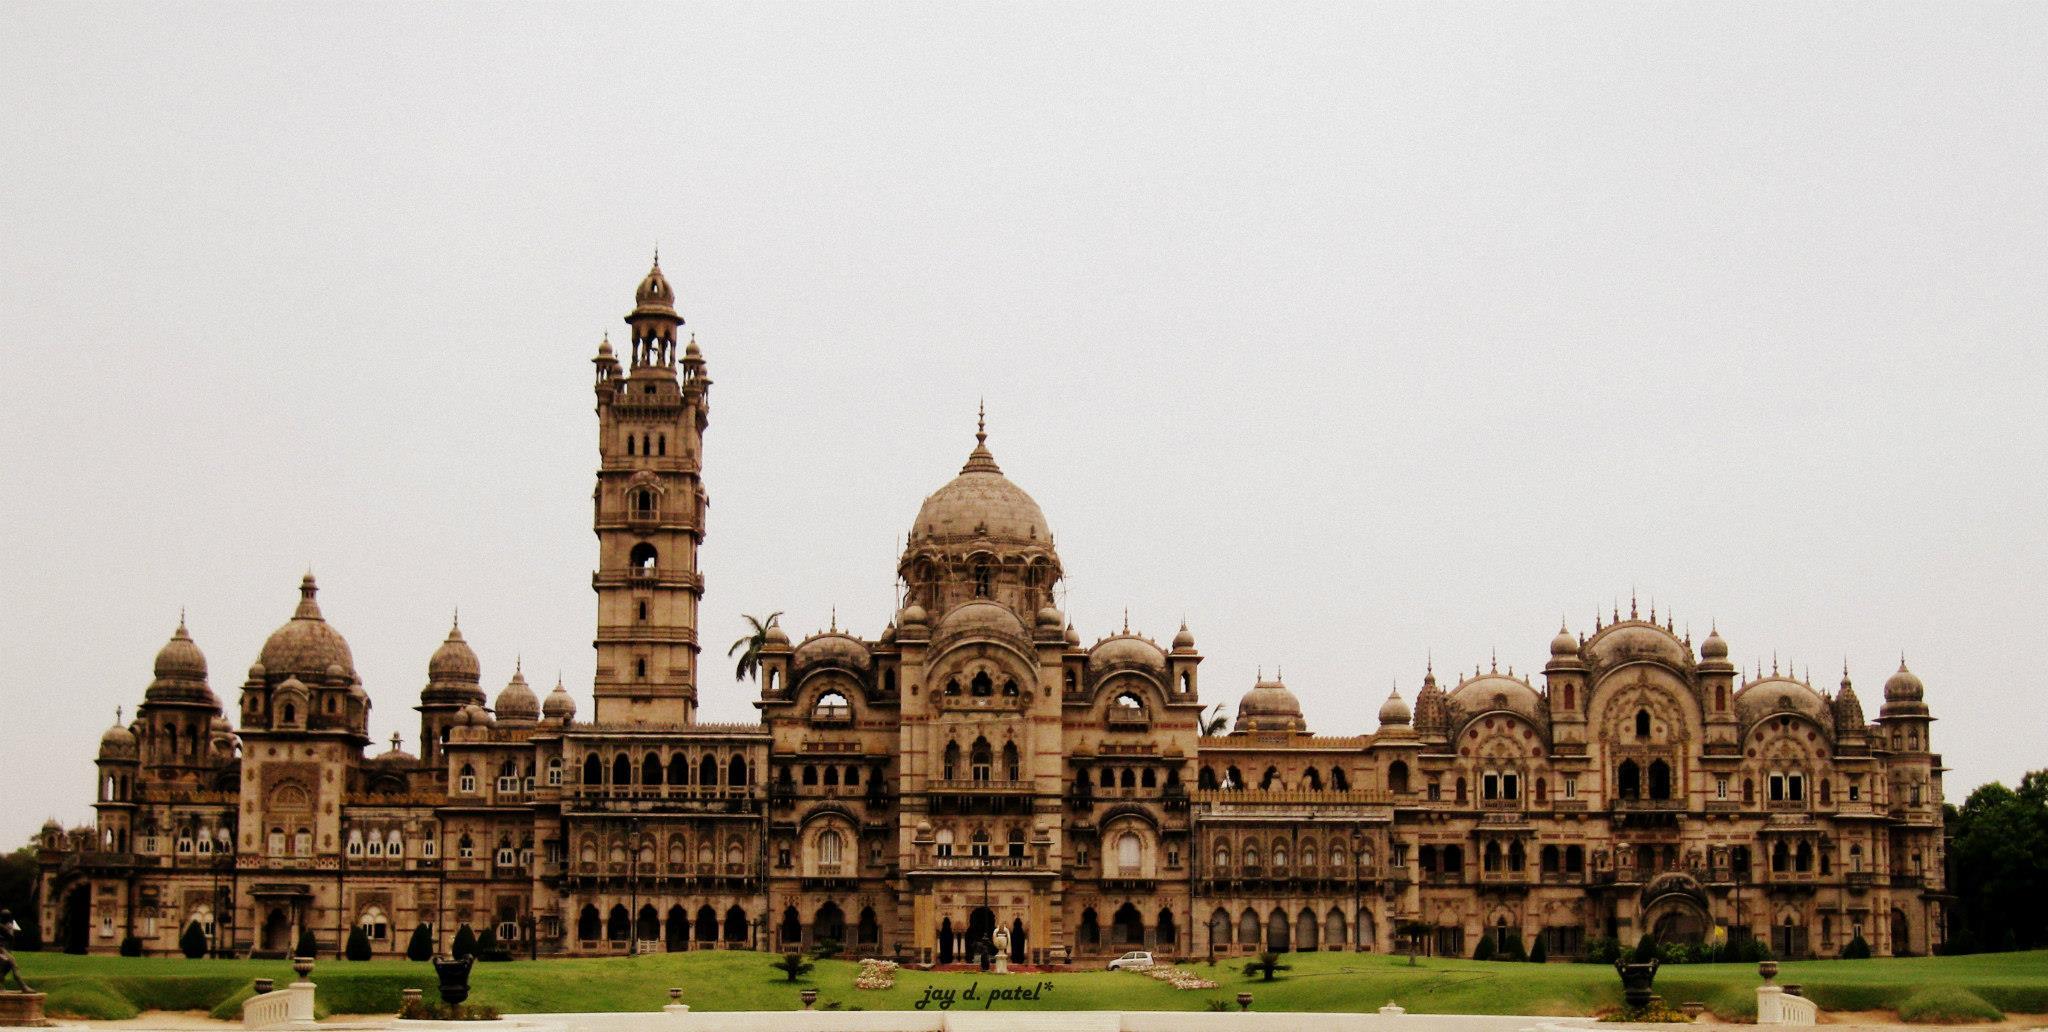 Ahmadabad 1N | Dwarka 2N | Somanth 1N